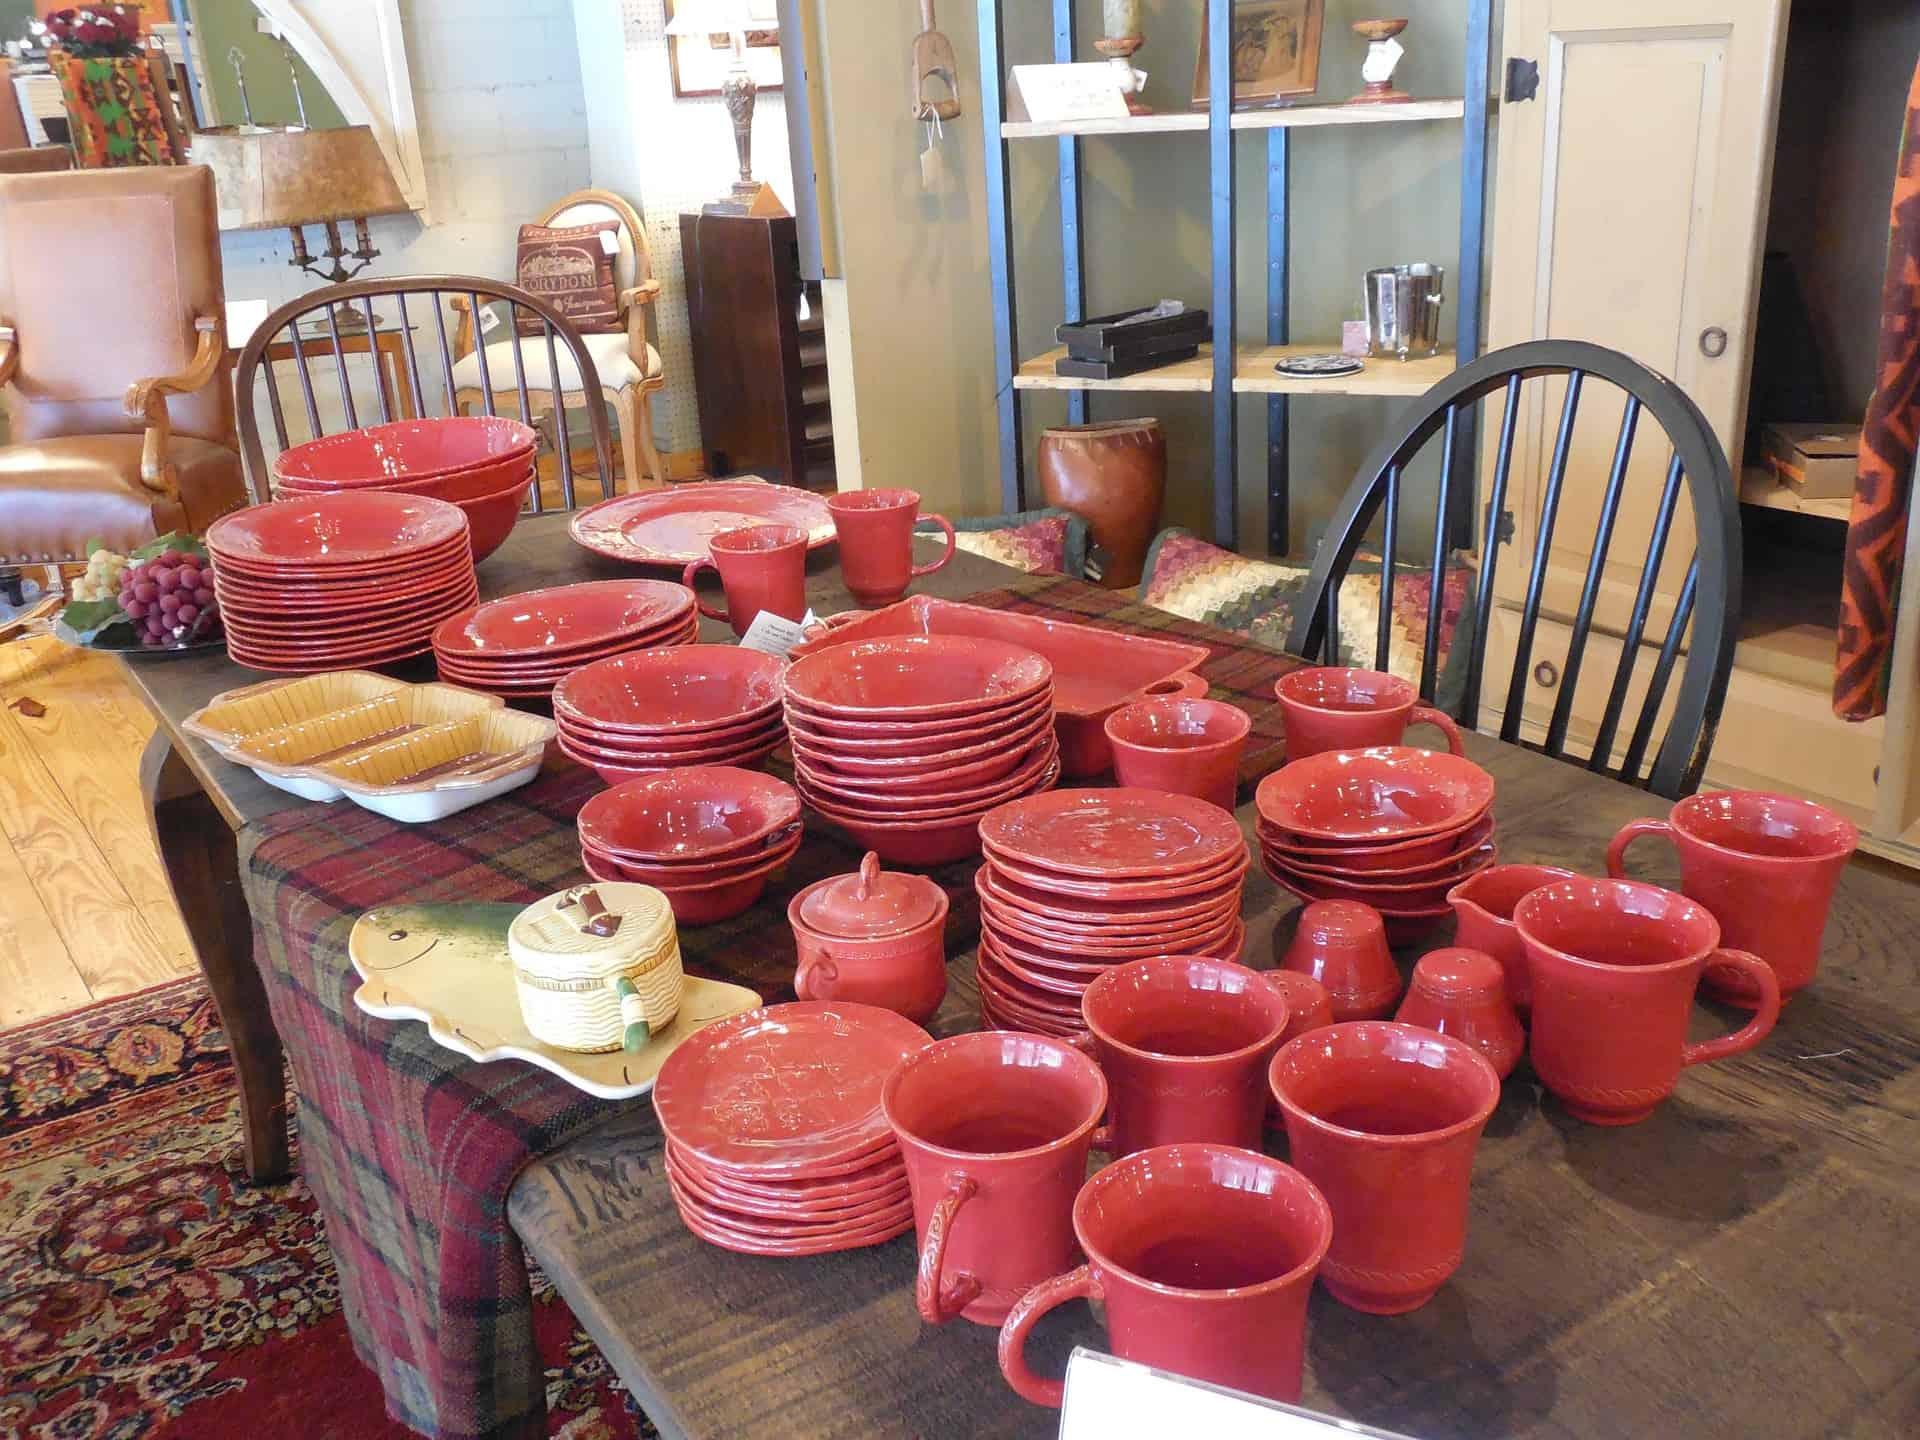 Foto de diversos jogos de pratos e xícaras vermelhos sobre mesa de madeira.